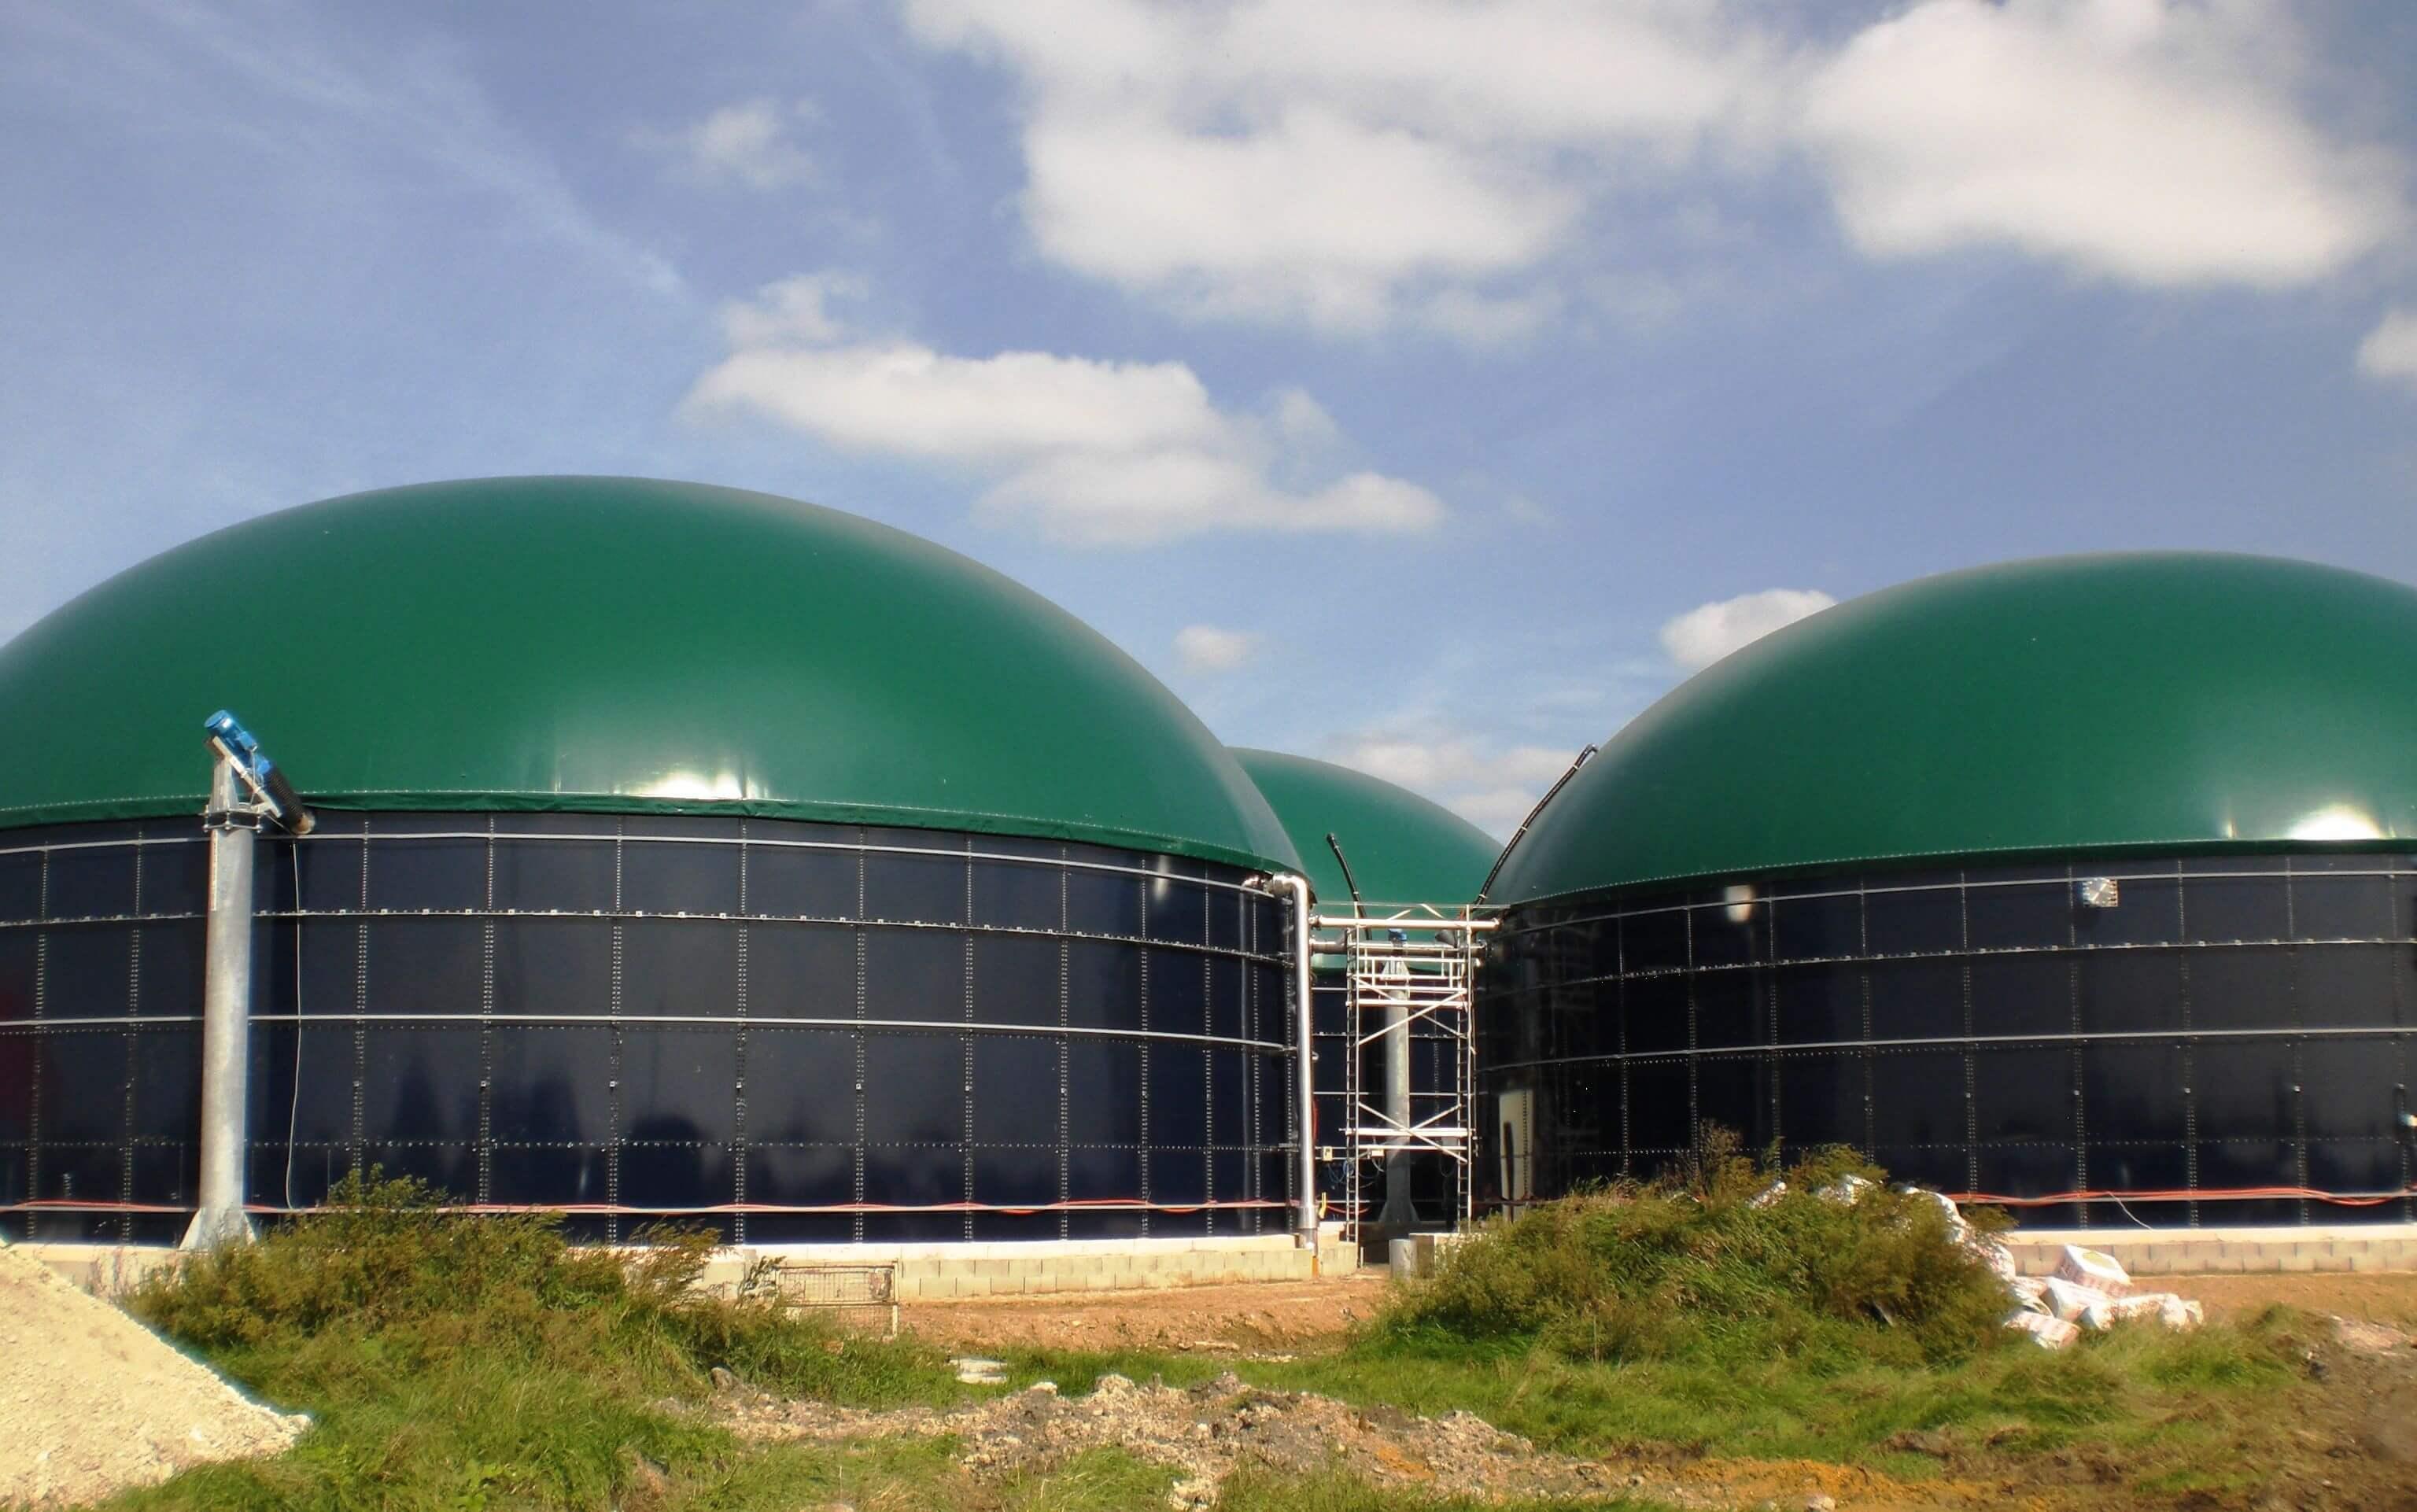 Magyar csúcstechnológiát alkalmaz a Balatonszabadiban épülő biogáz erőmű